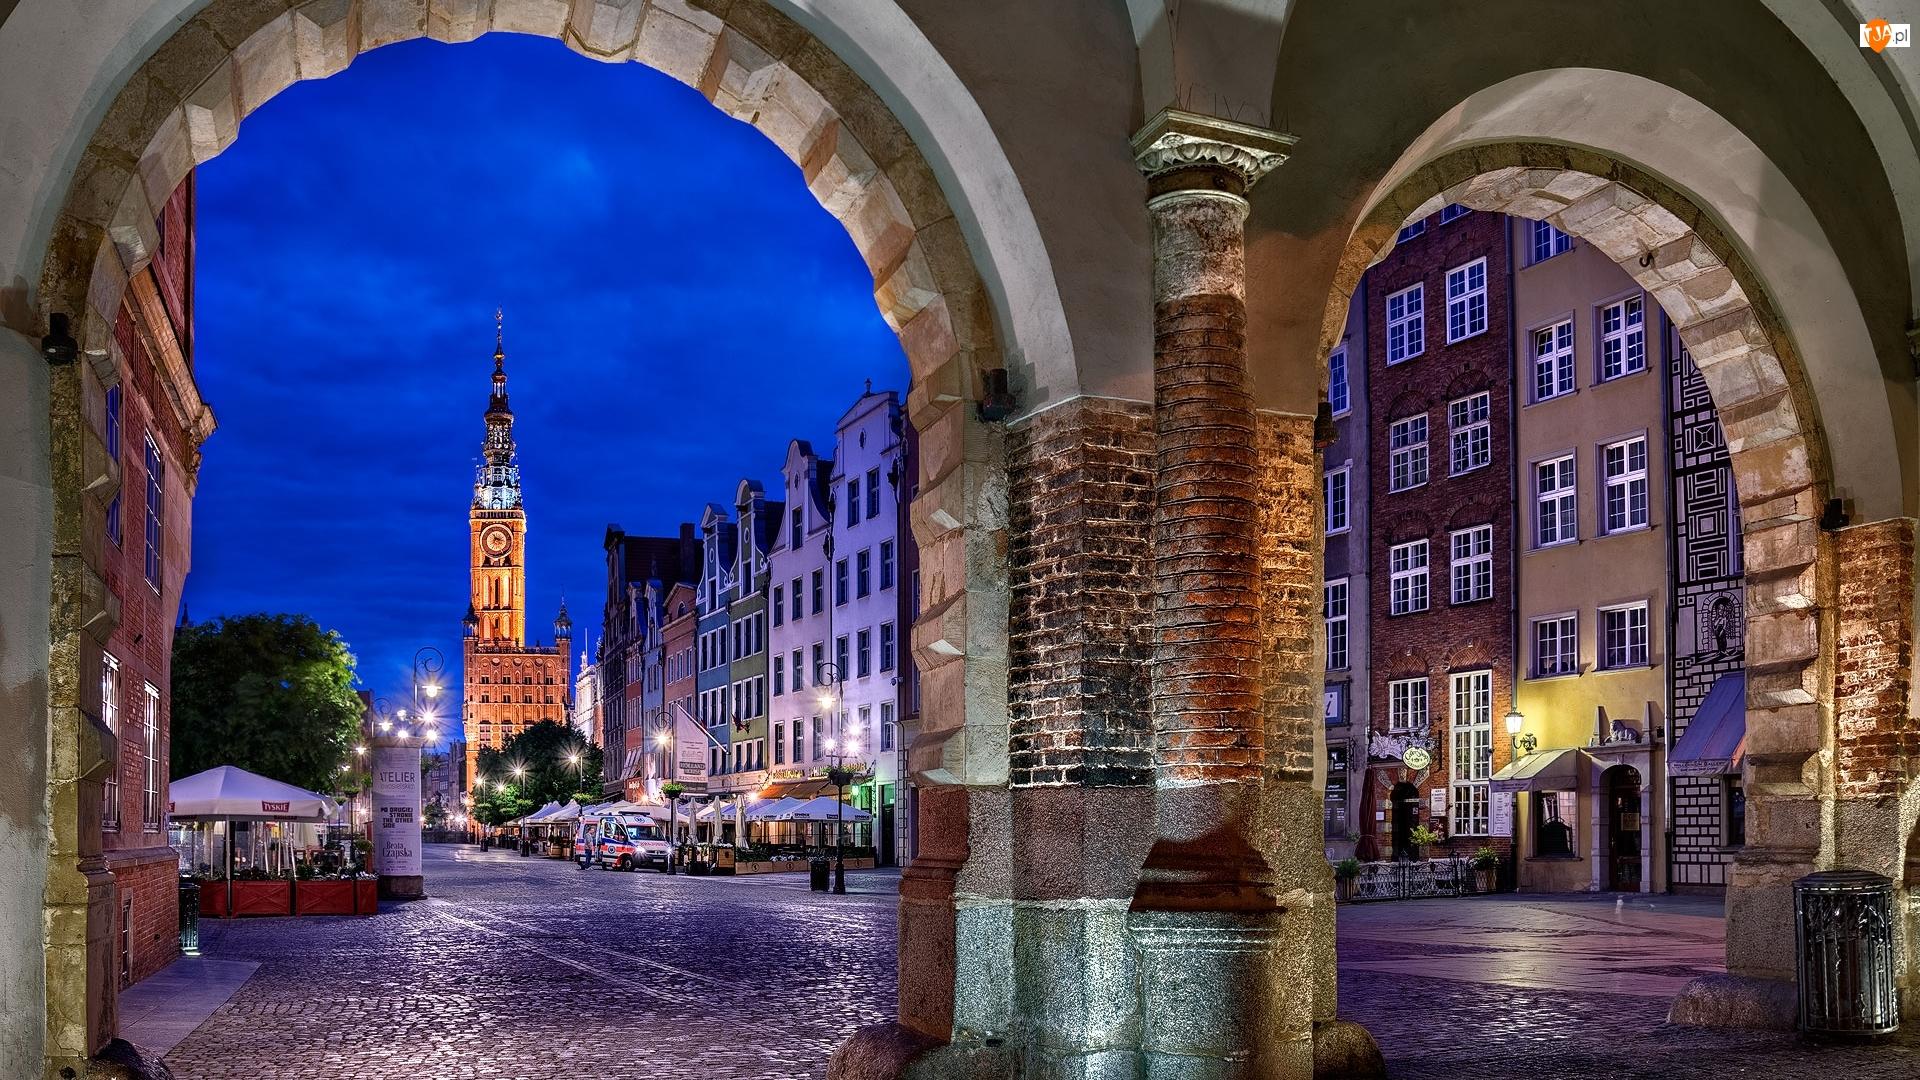 Domy, Ulica, Brama, Polska, Ratusz, Gdańsk